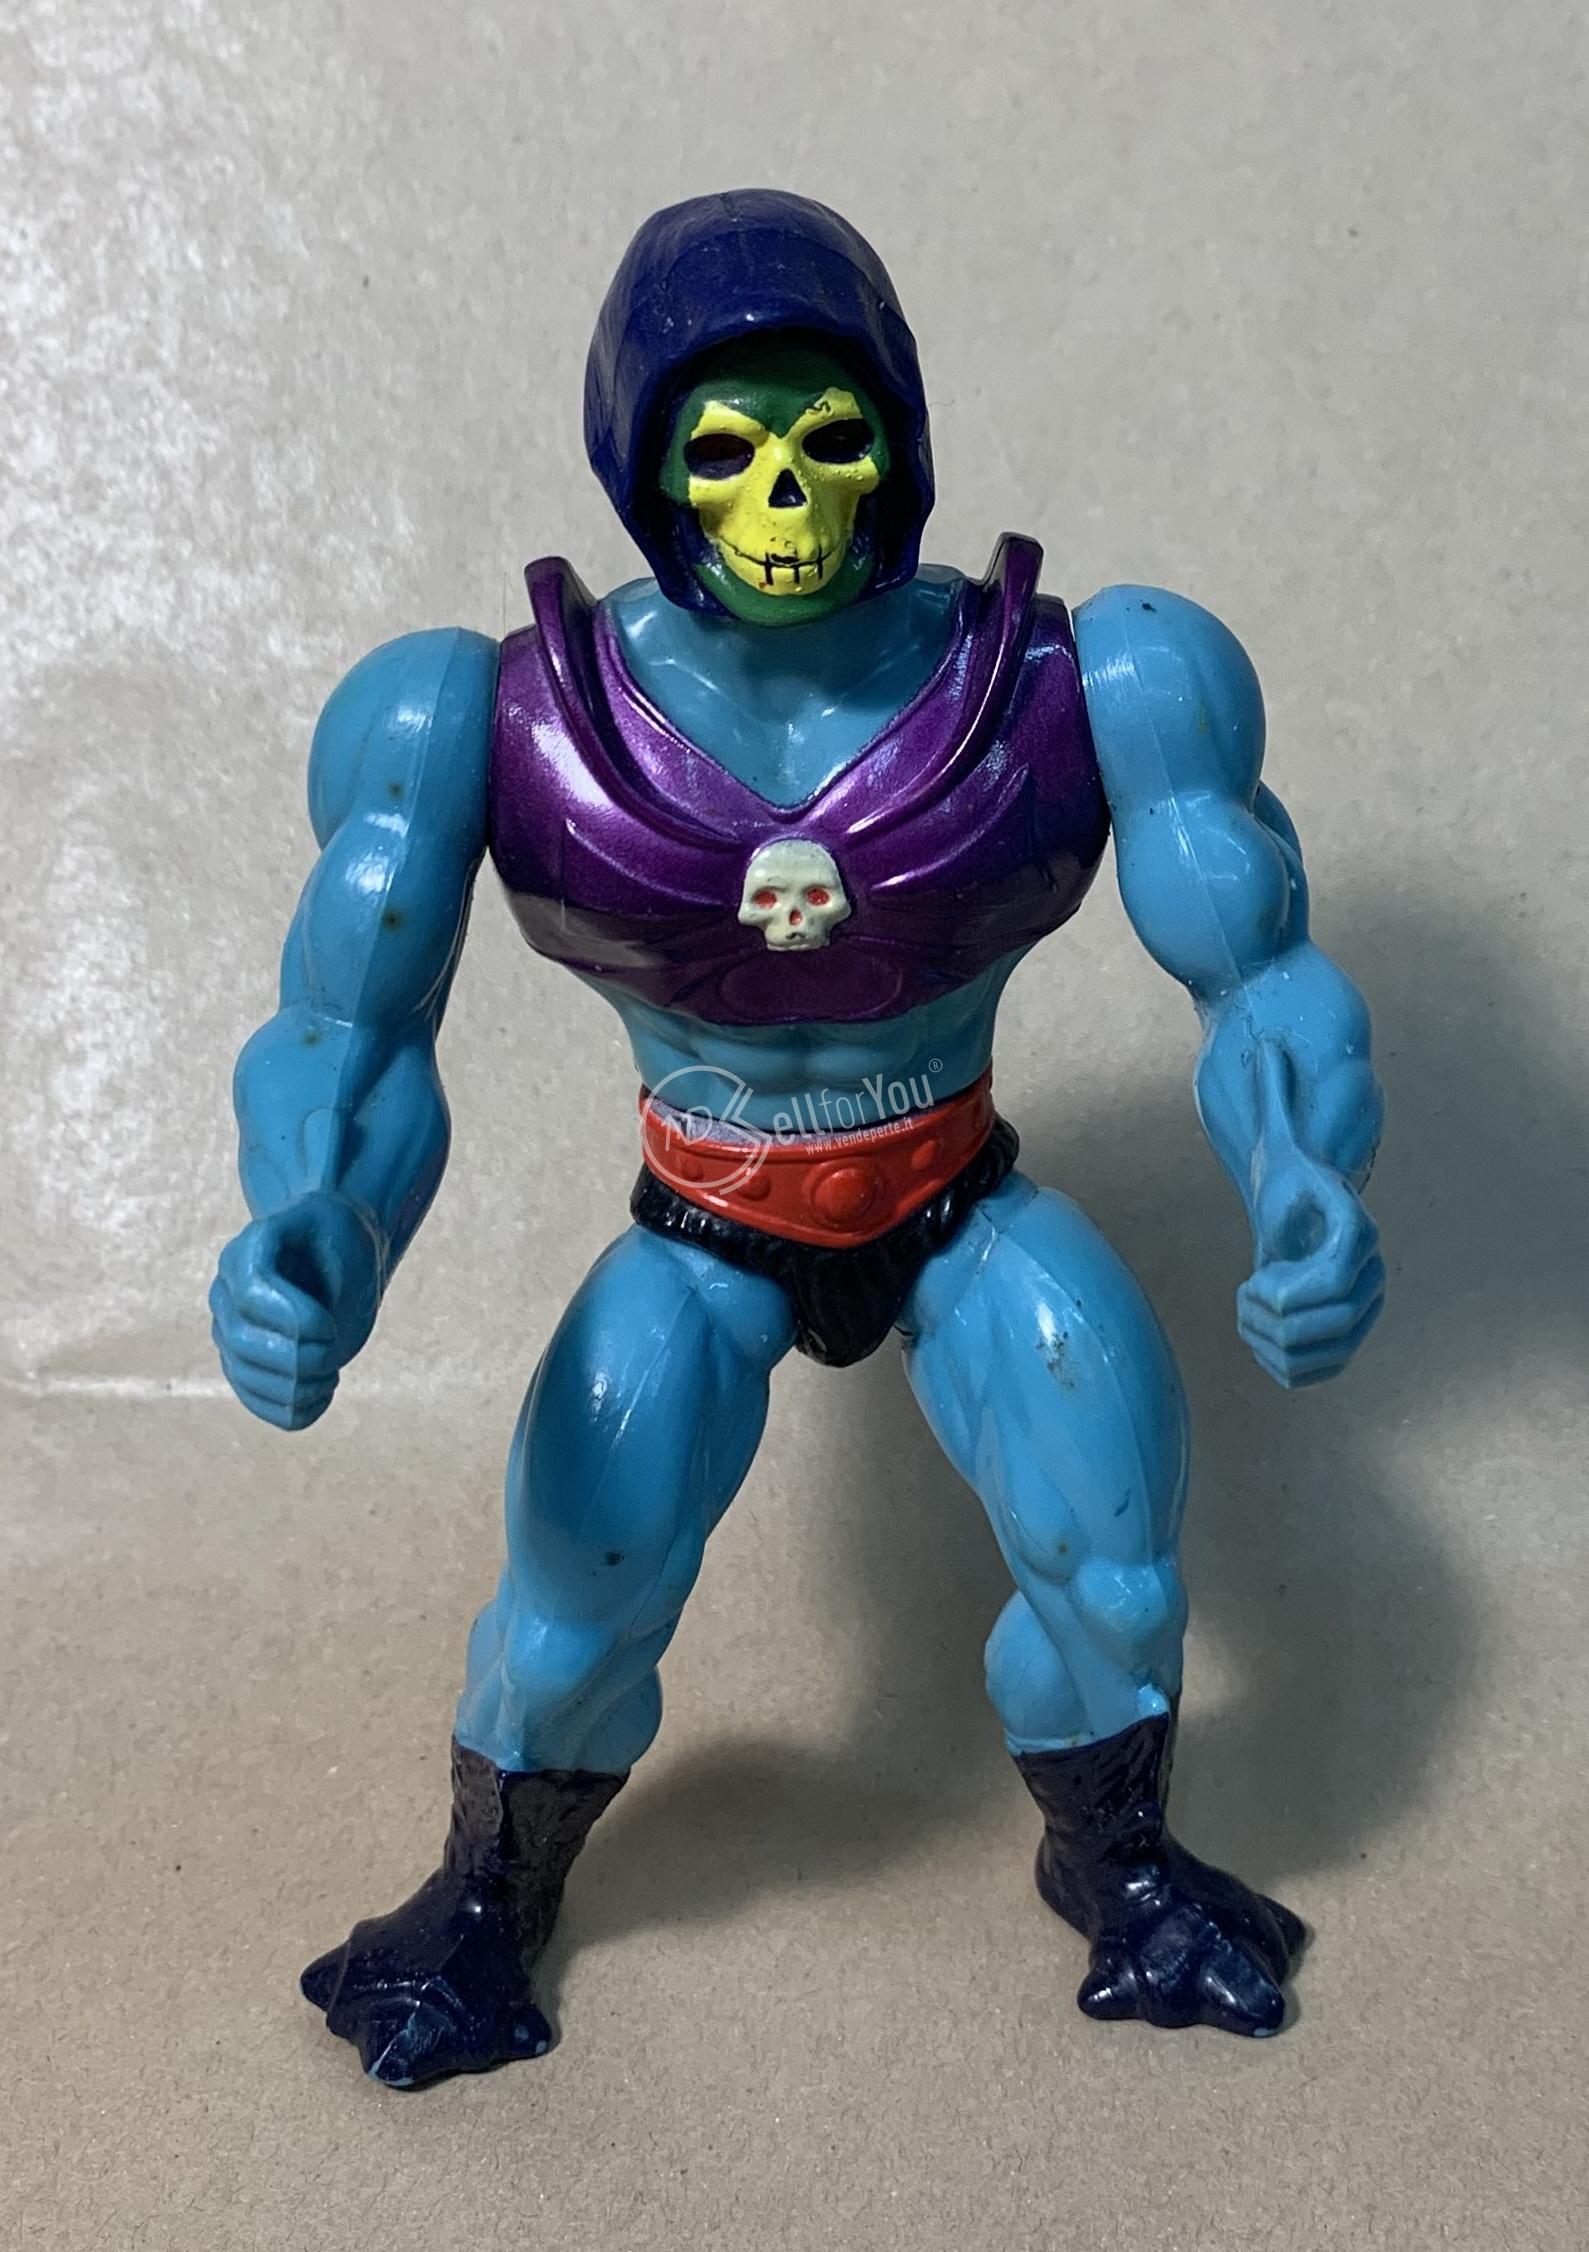 sellforyou immagine default articolo correlato non trovatoMasters of the Universe Skeletor terror claws Mattel 1985 29